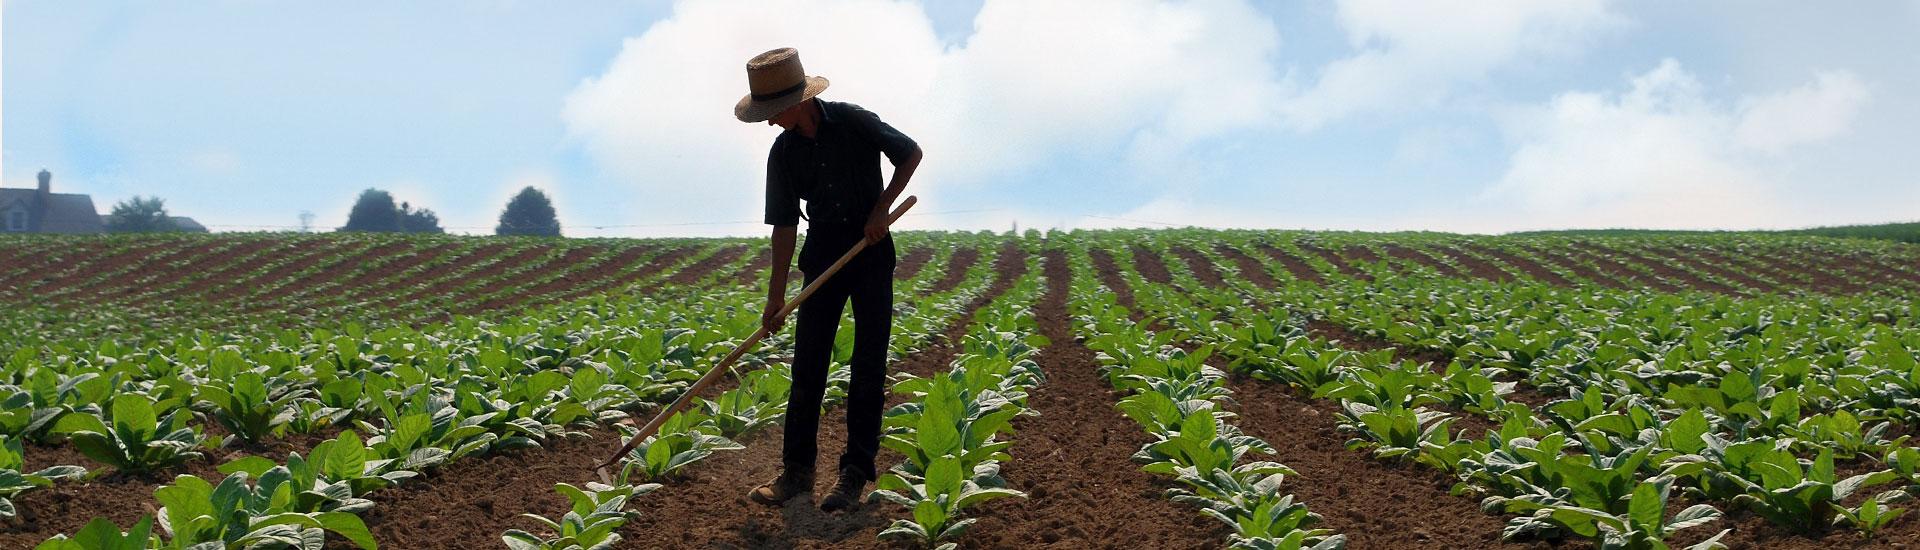 Büyük aileler için arazi: belgeler ve kayıt